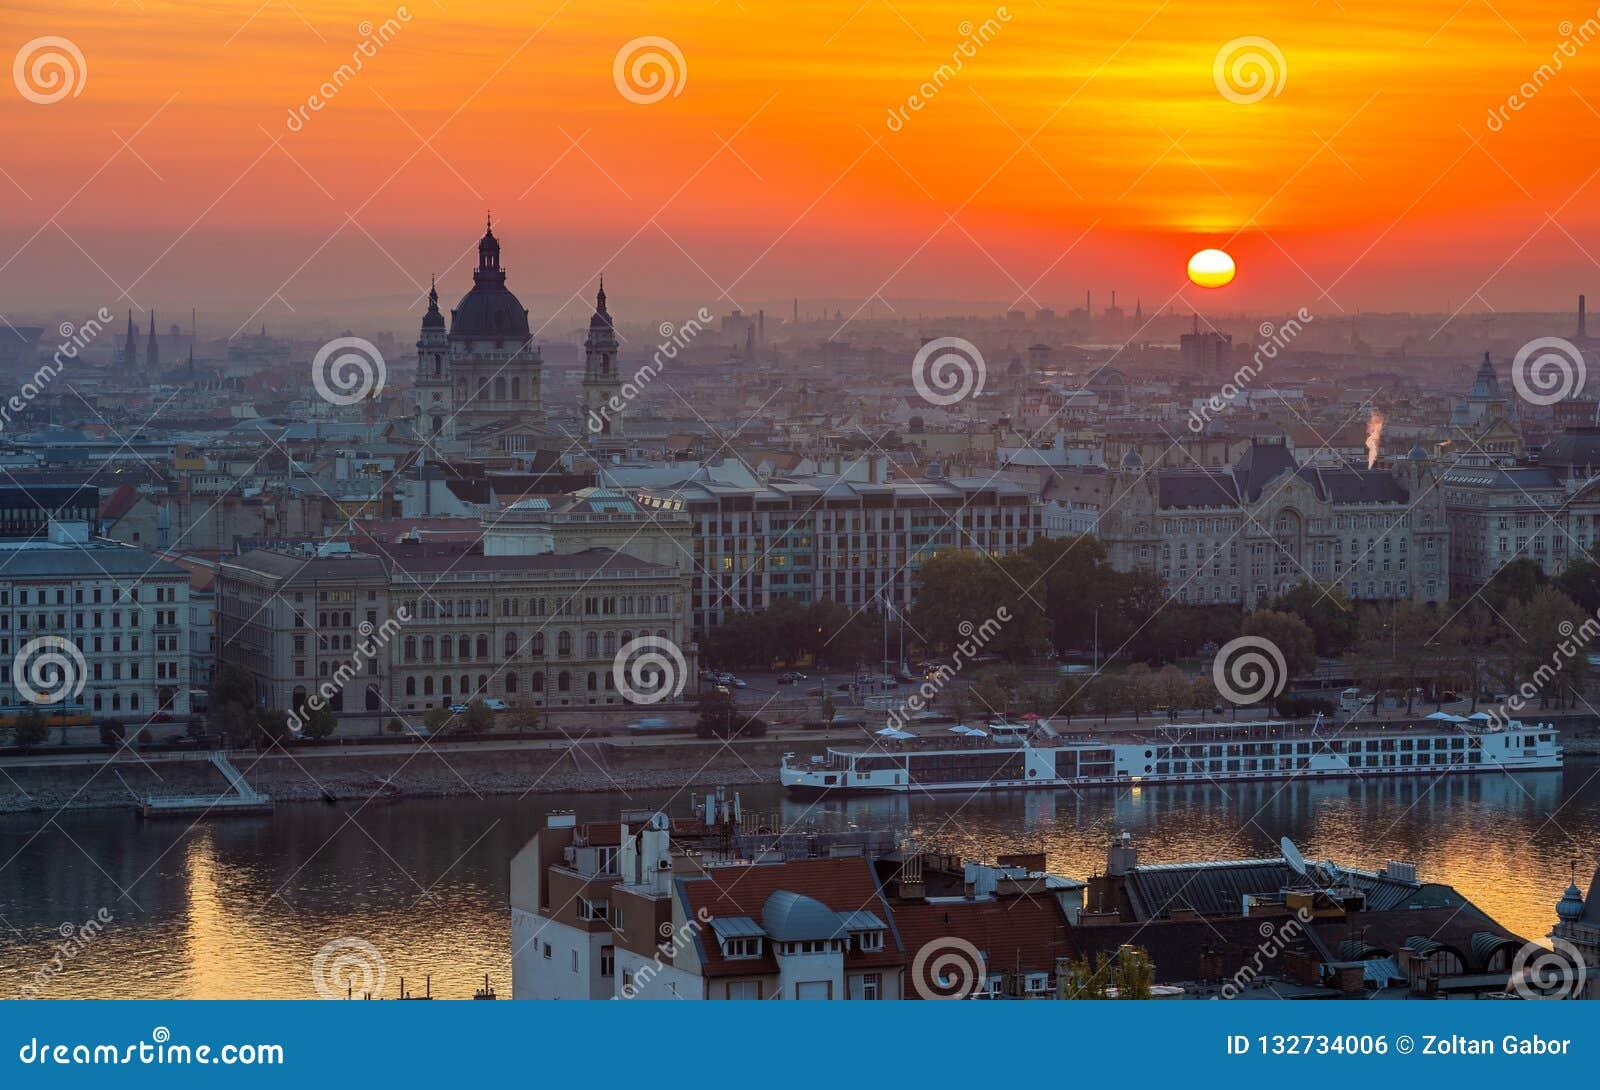 Βουδαπέστη, Ουγγαρία - όμορφη χρυσή ανατολή πέρα από τη Βουδαπέστη με Basilca του ST Stephen, κρουαζιερόπλοιο στον ποταμό Δούναβη